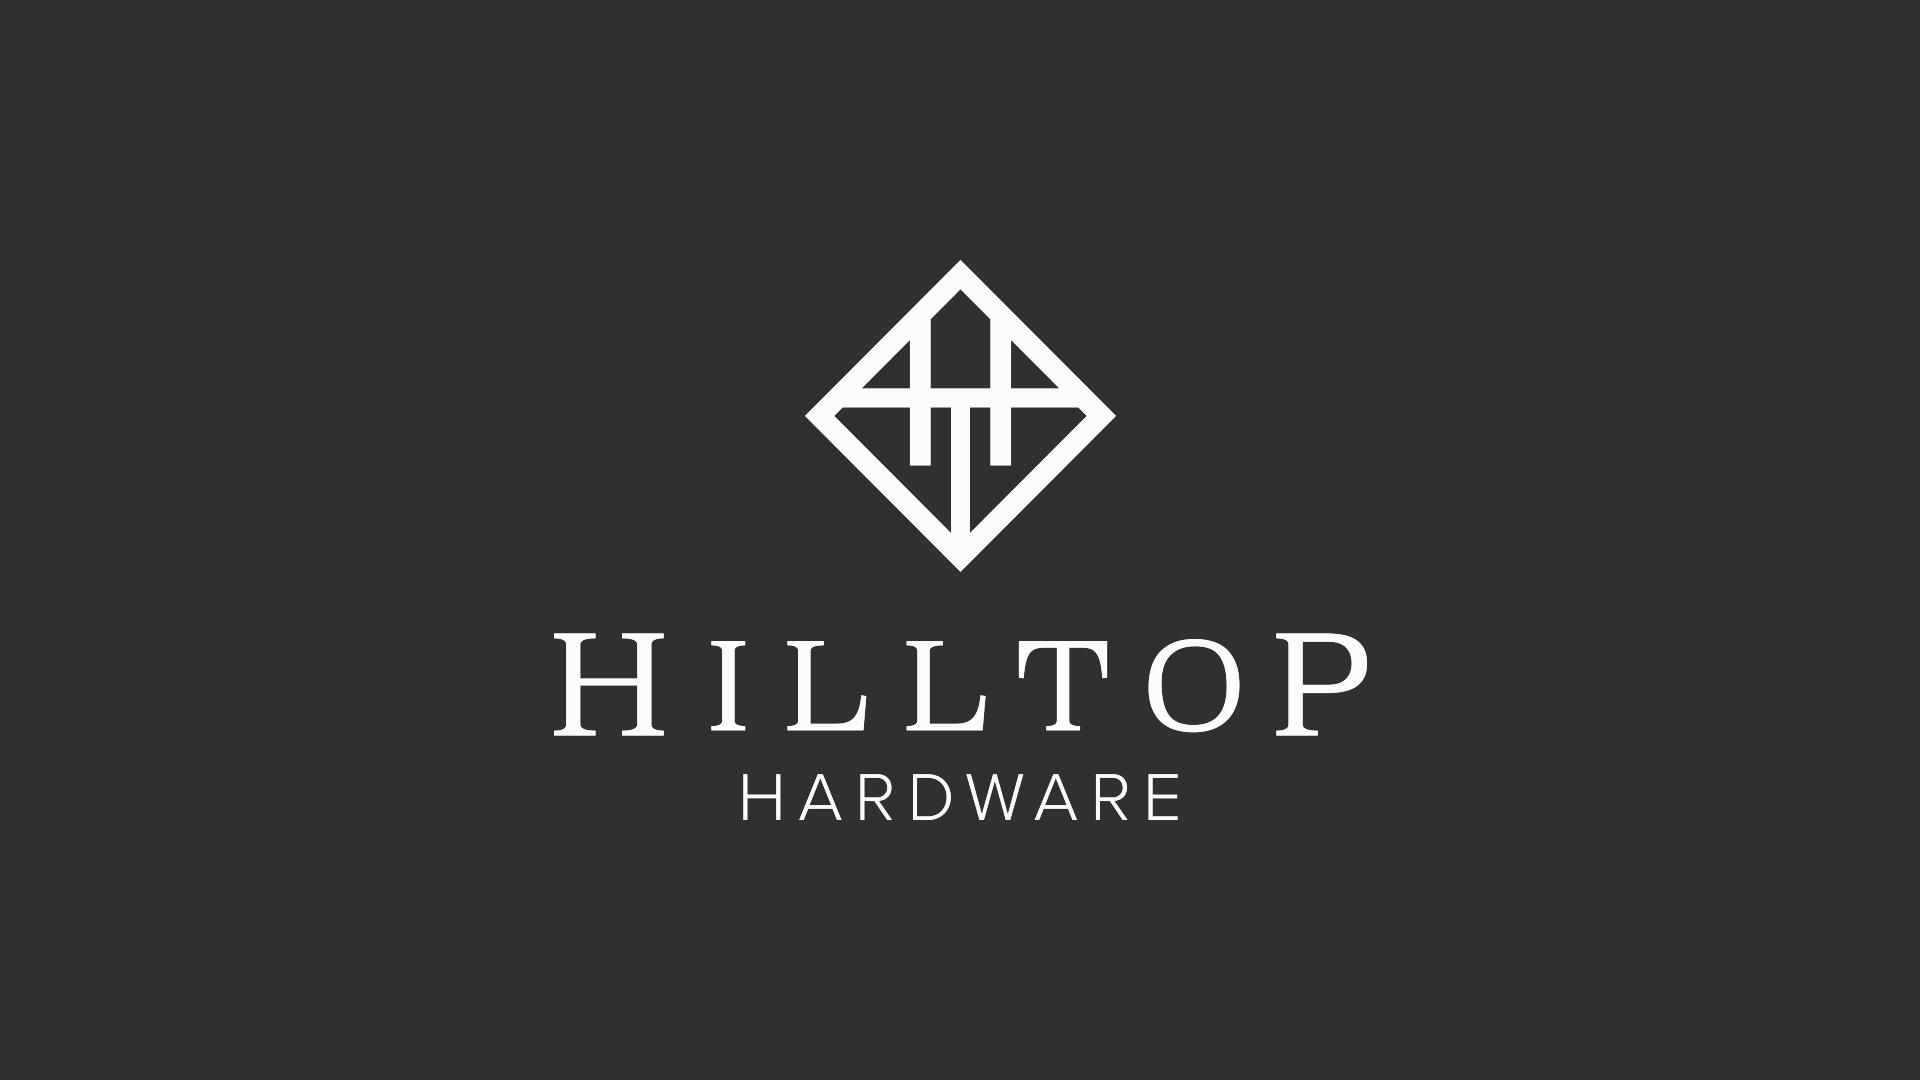 Hilltop-Hardware